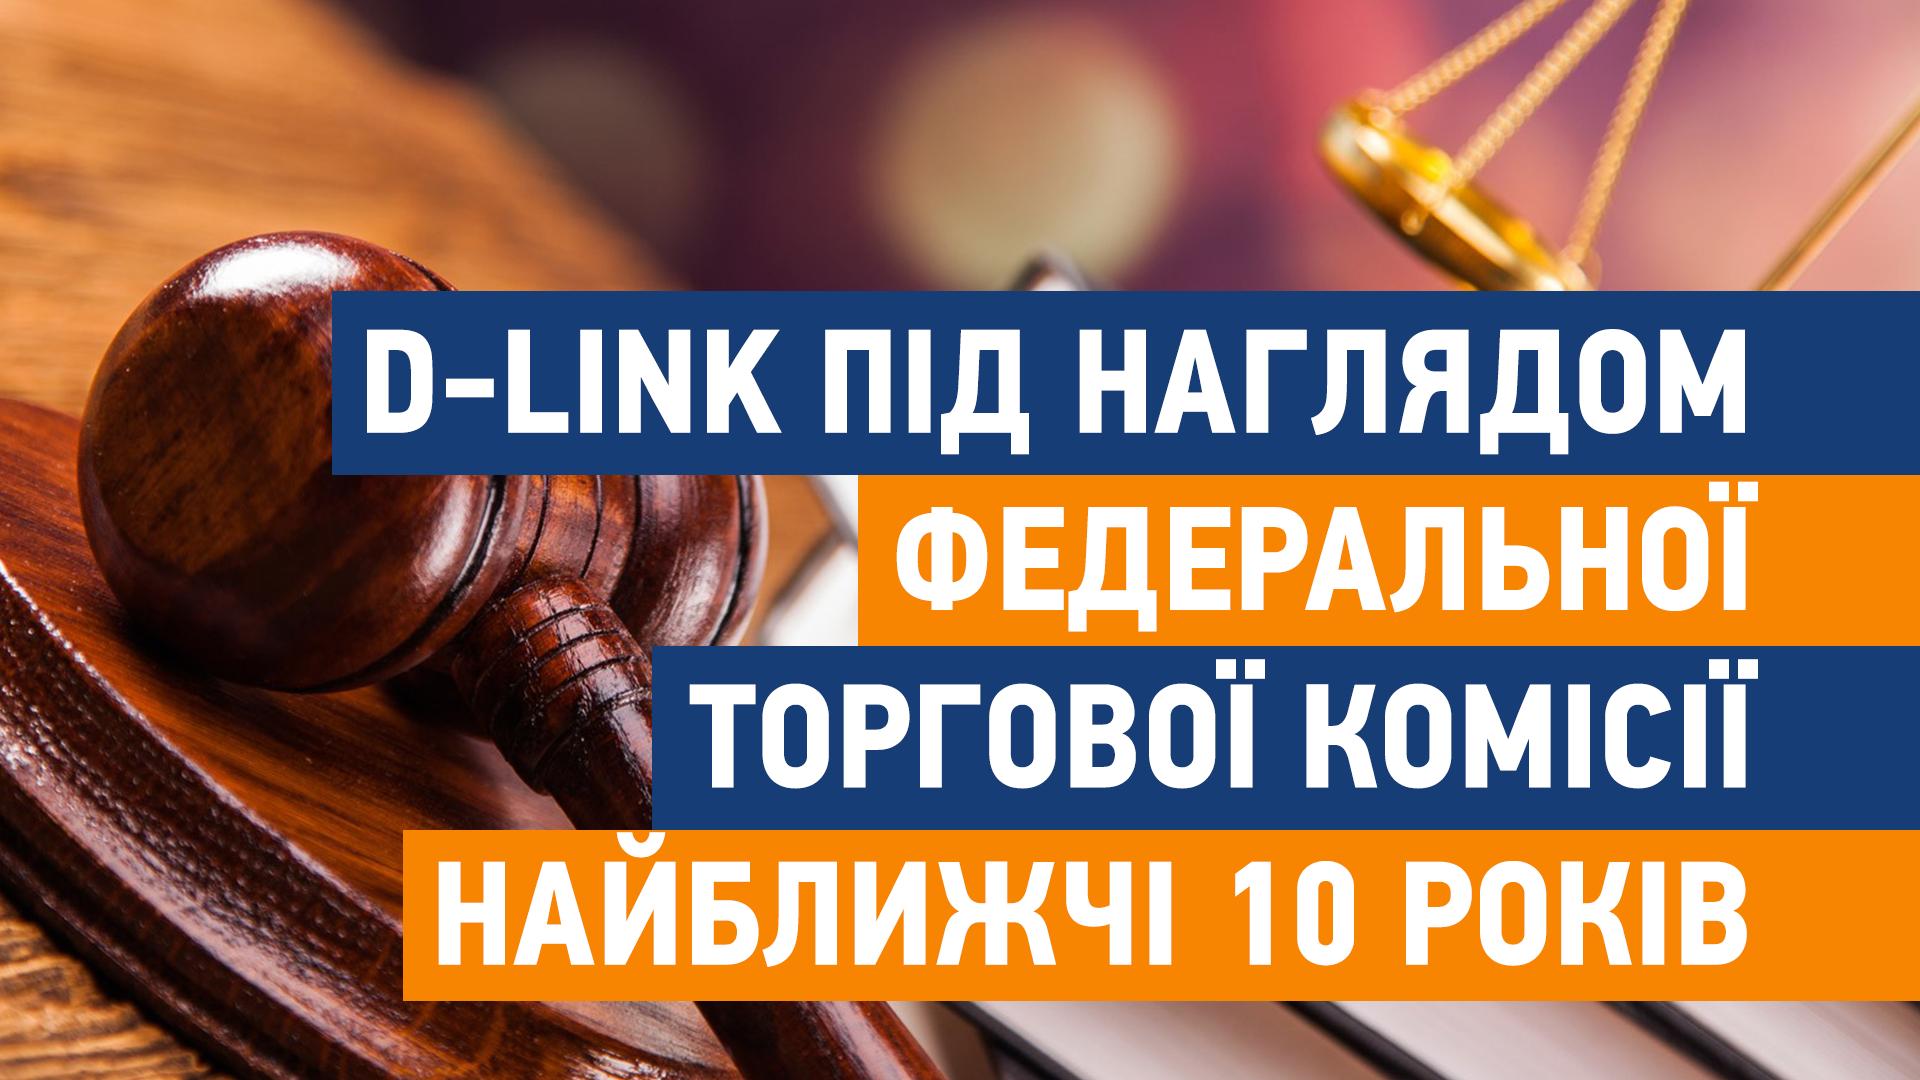 d-link_sud_poglyad D-Link під наглядом Федеральної торгової комісії найближчі 10 років